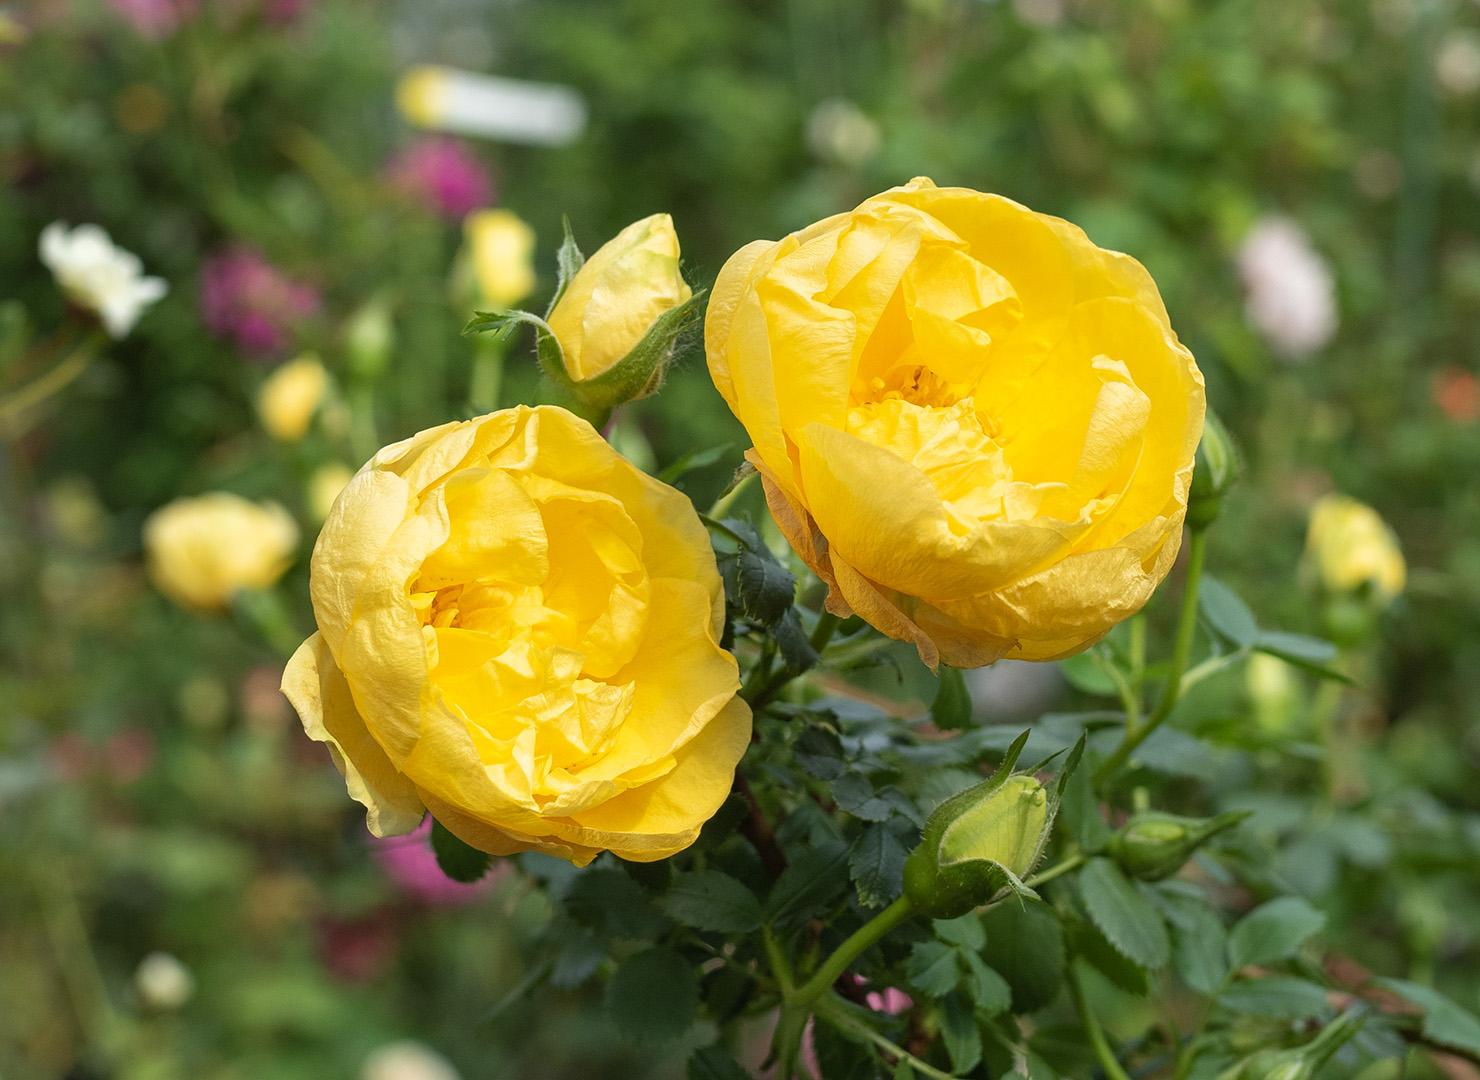 ペルシャン イエロー - Persian Yellow